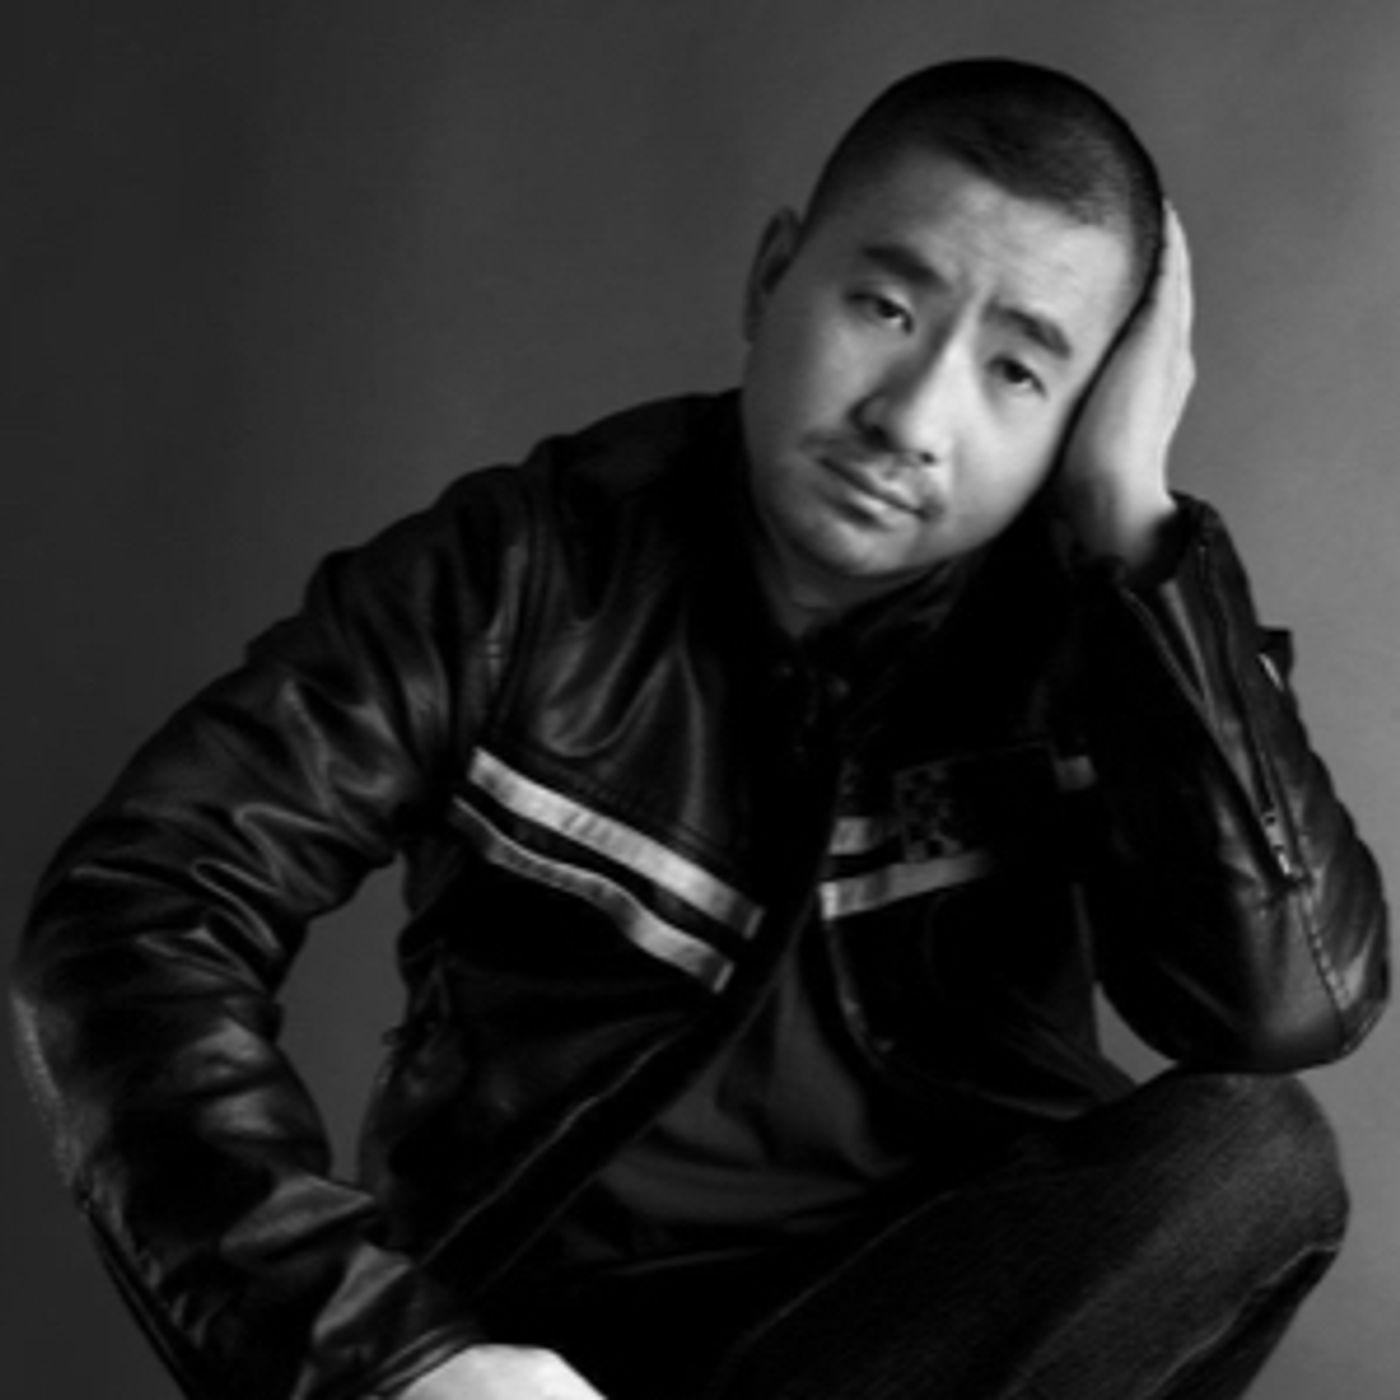 #54 Jack Chen - Digifocus